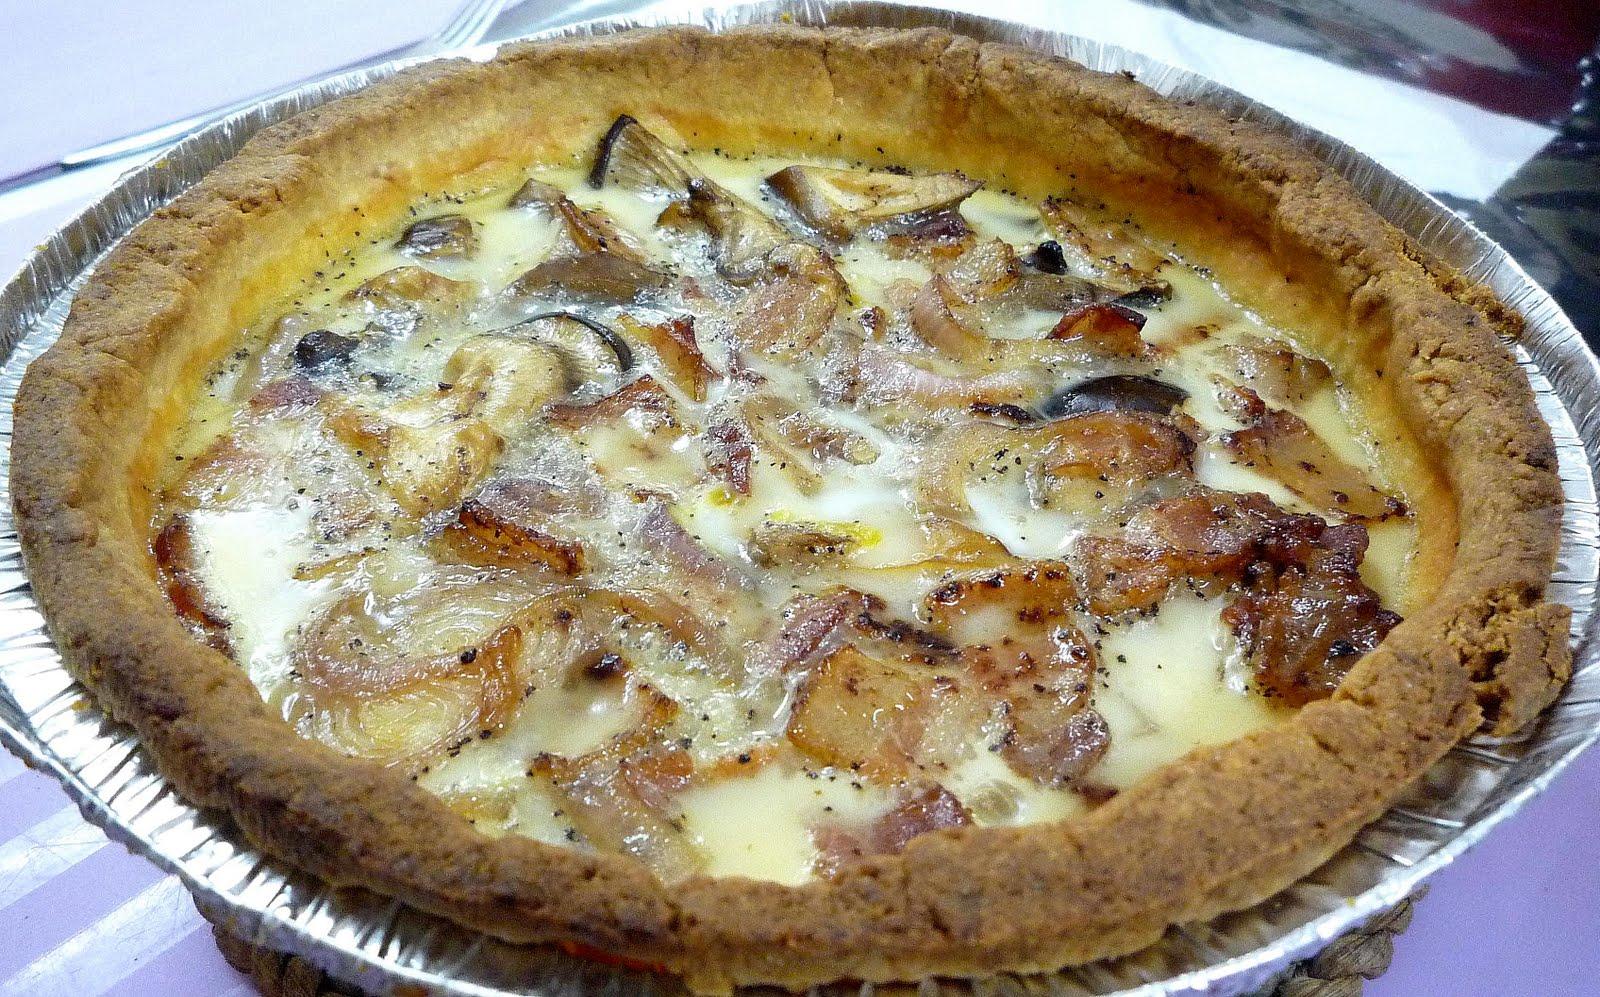 ... Travel Tale: Bacon & Mushroom Quiche and Segafredo Espresso